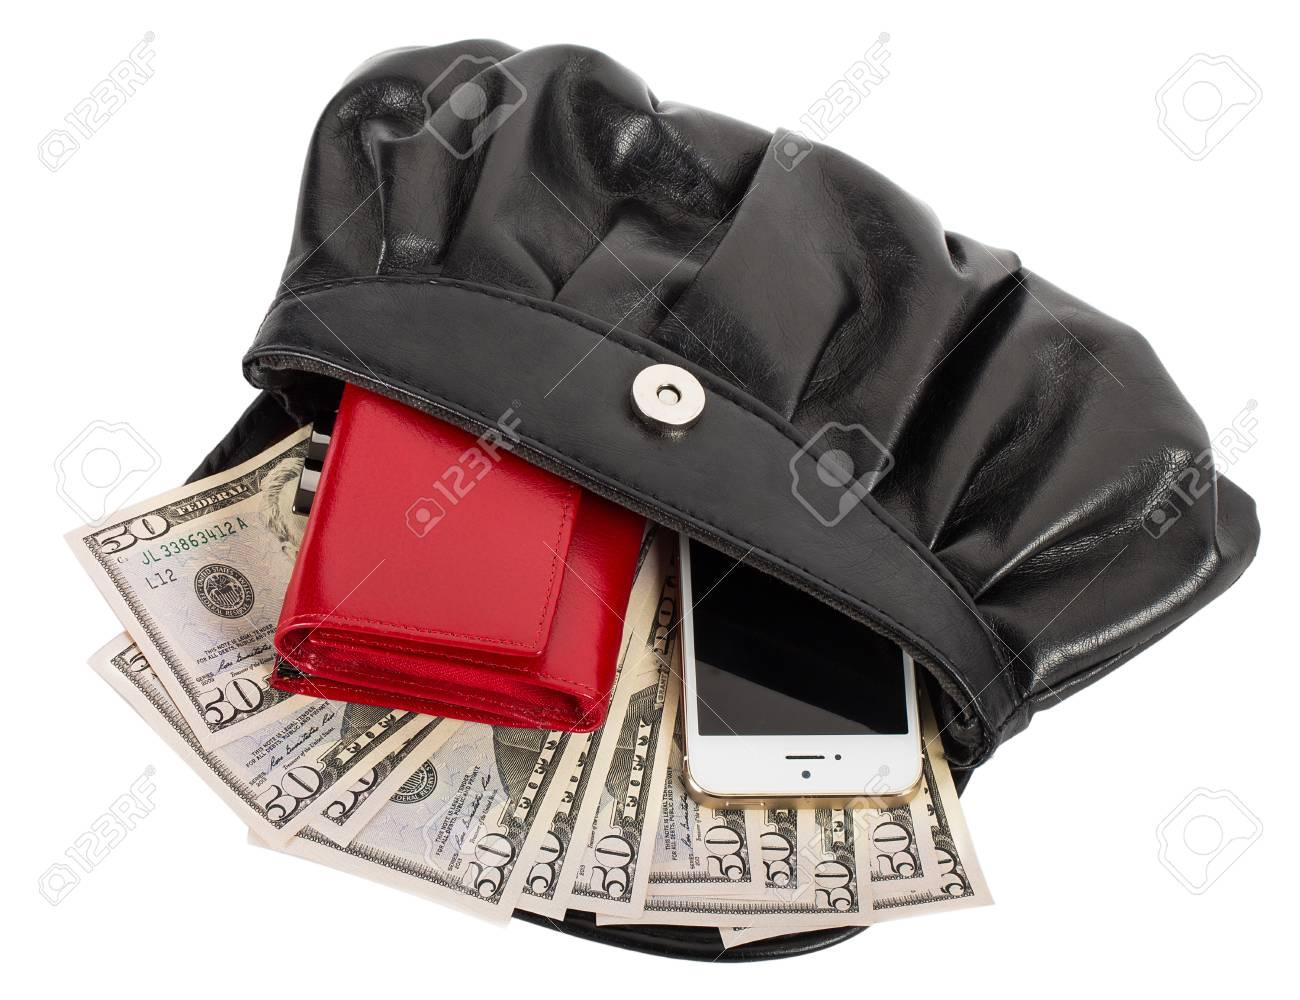 Sac à main avec téléphone portable, portefeuille et argent, isolé sur blanc